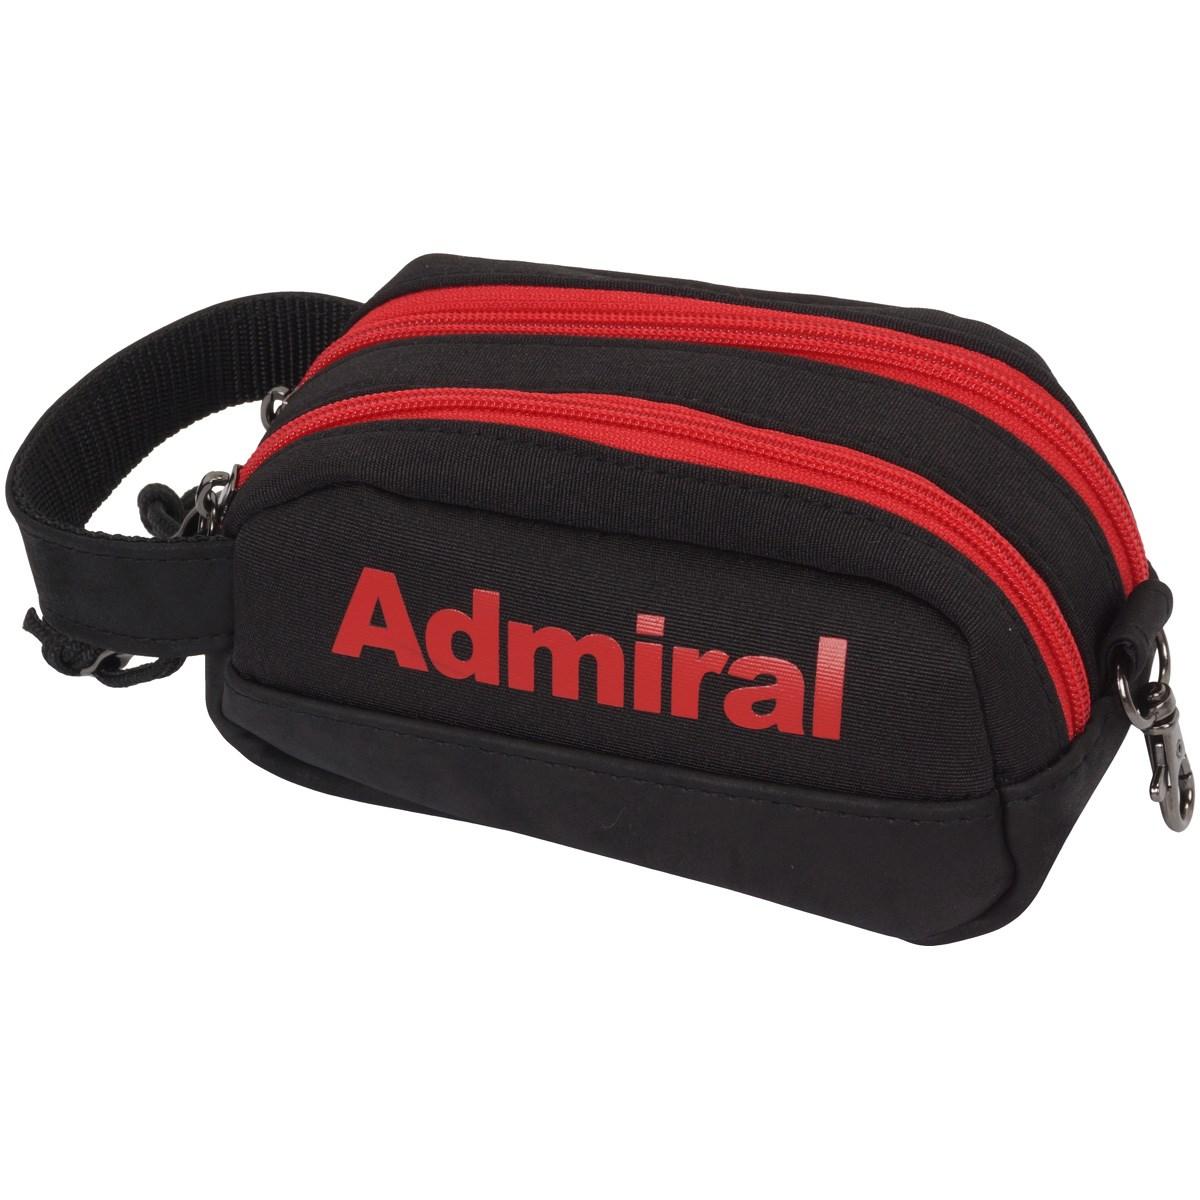 [2018年モデル] アドミラル Admiral スタイリッシュ ファブリック ポーチ ブラック メンズ ゴルフ